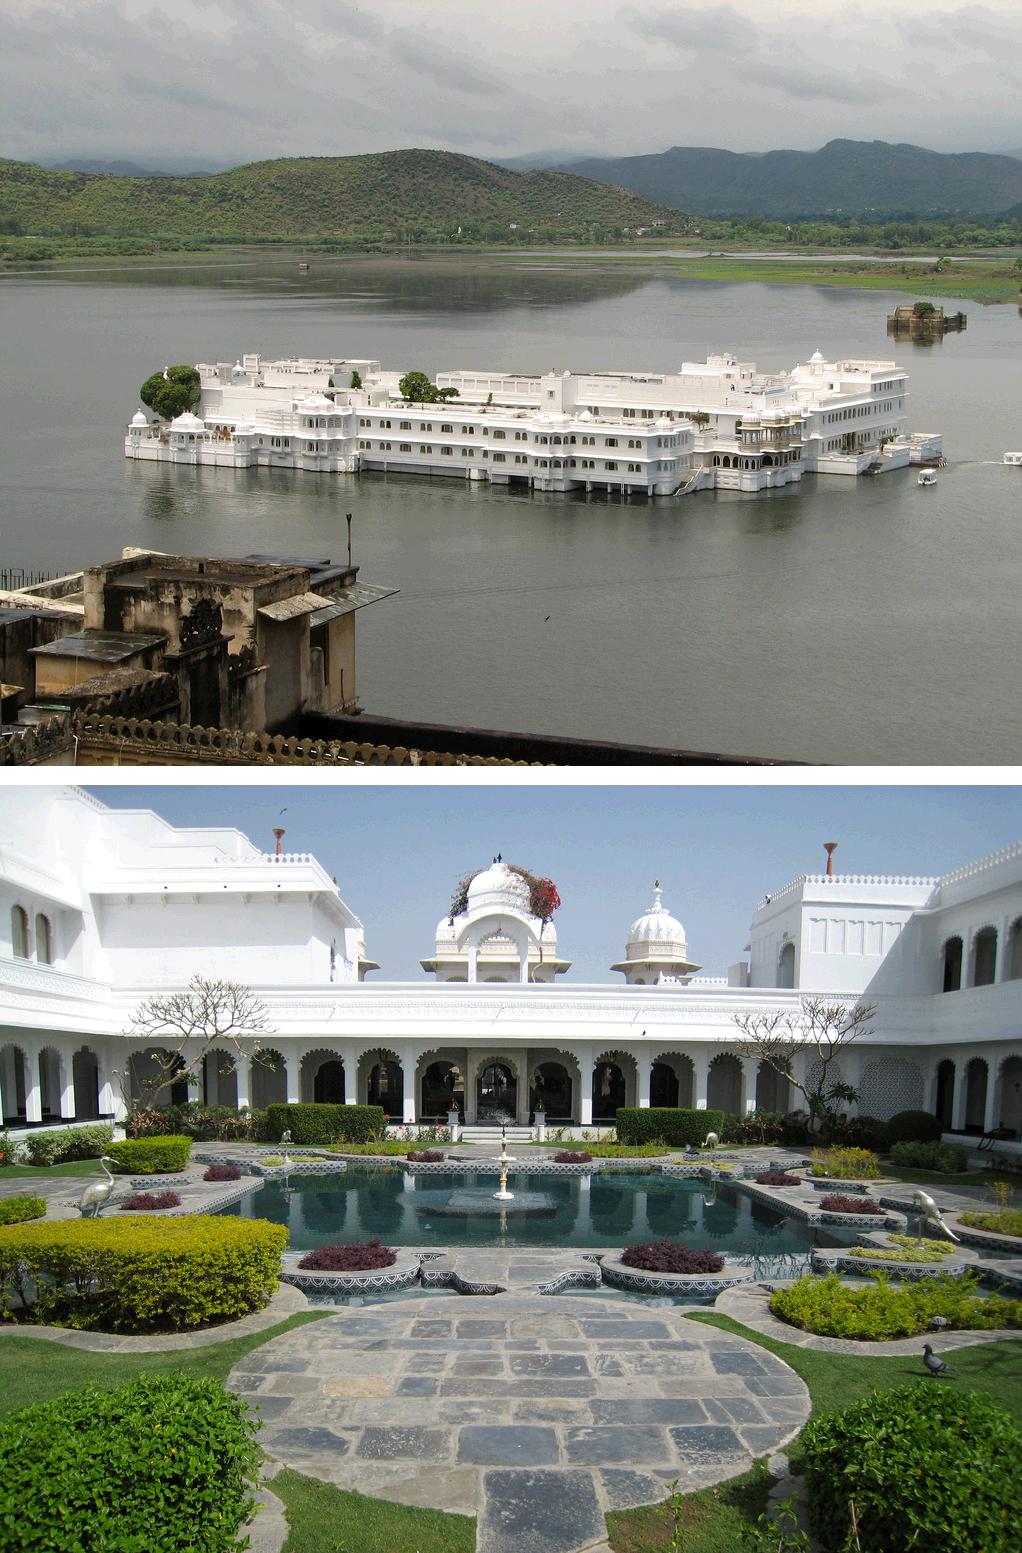 Taj Lake Palace hotel, Udaipur, India Palace hotel